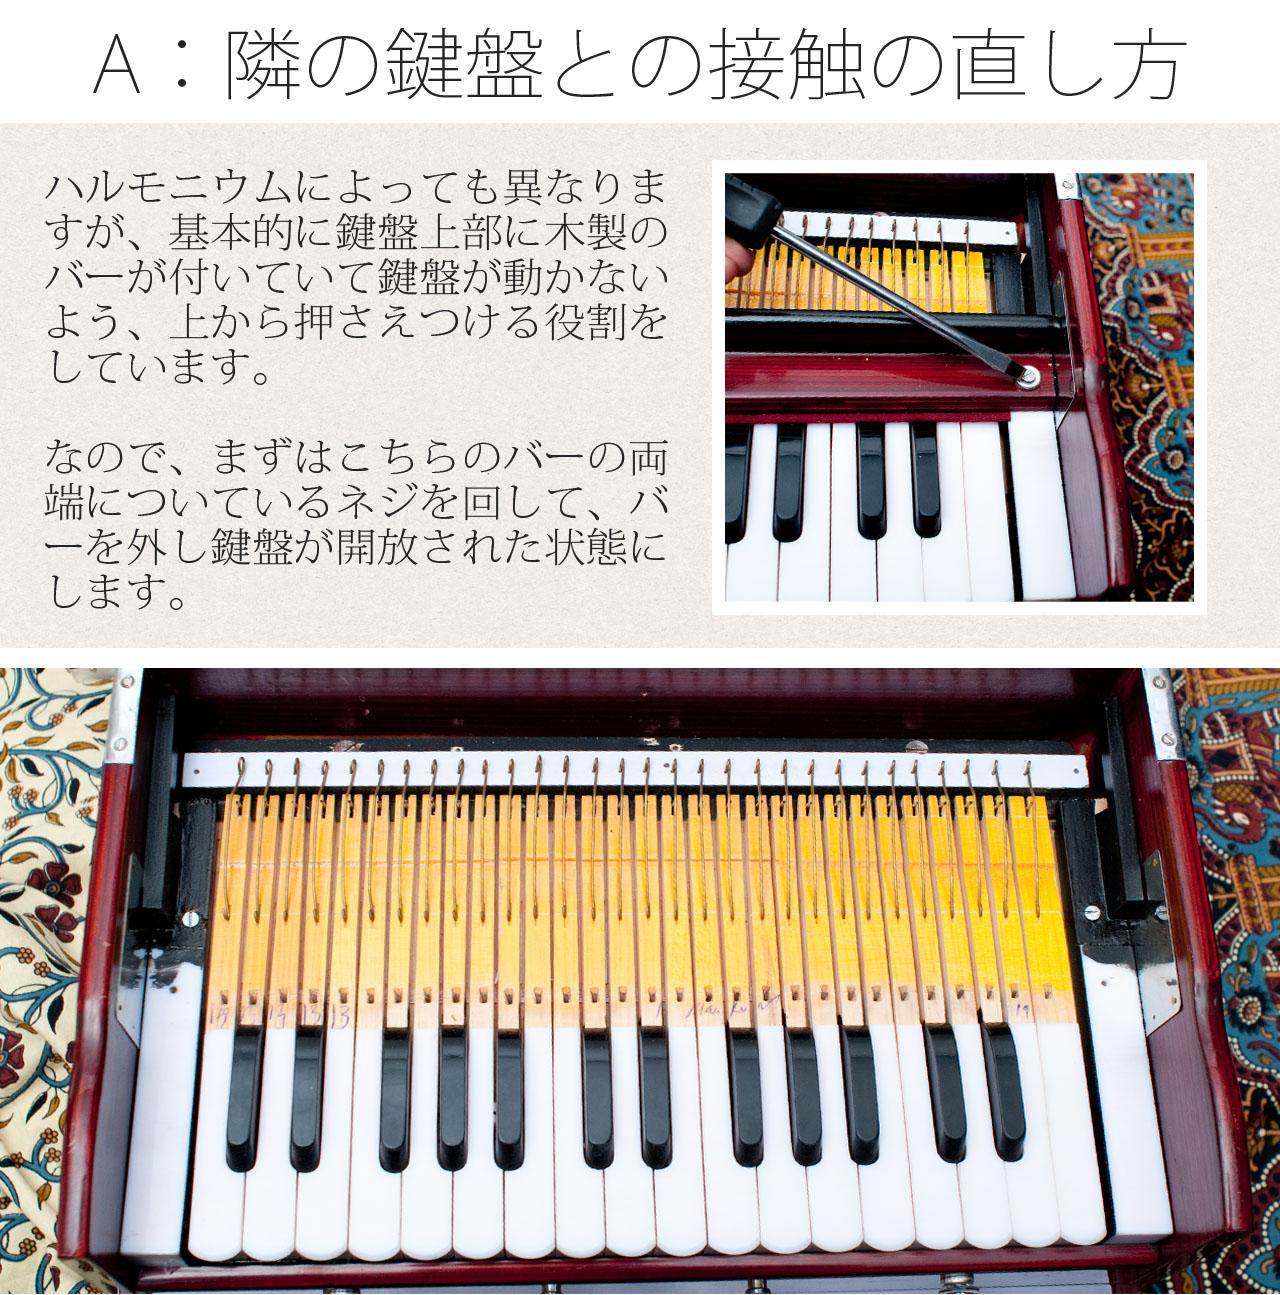 ハルモニウム鍵盤の直し方